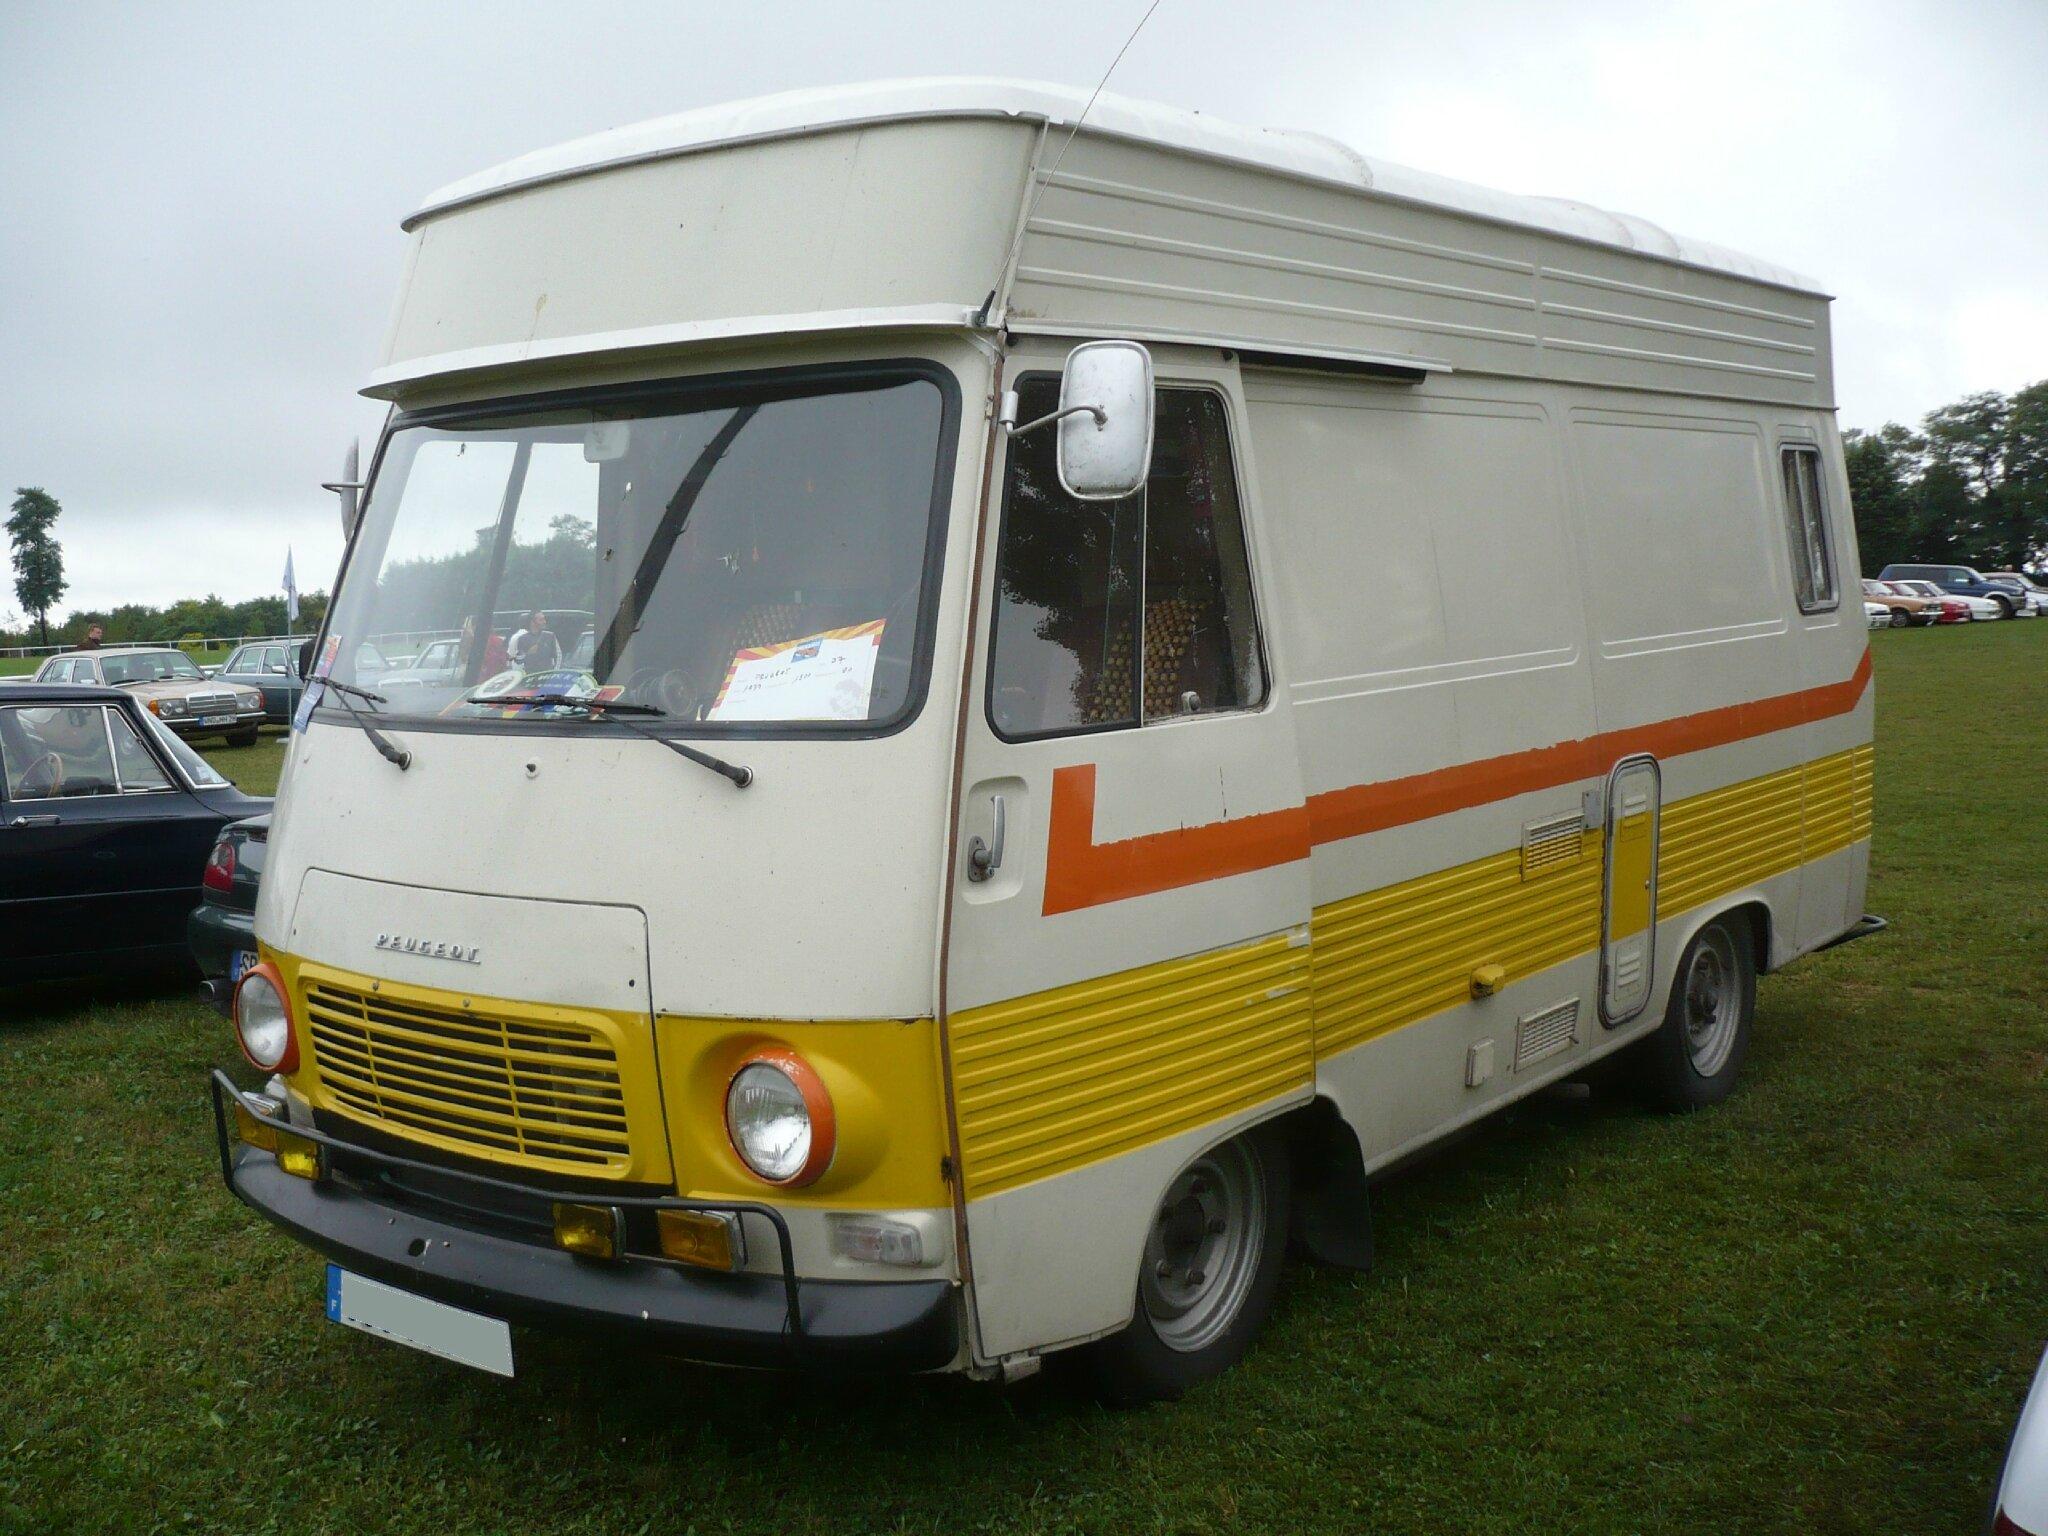 PEUGEOT J7 fourgon surélevé aménagé camping-car 1977 Créhange (1)